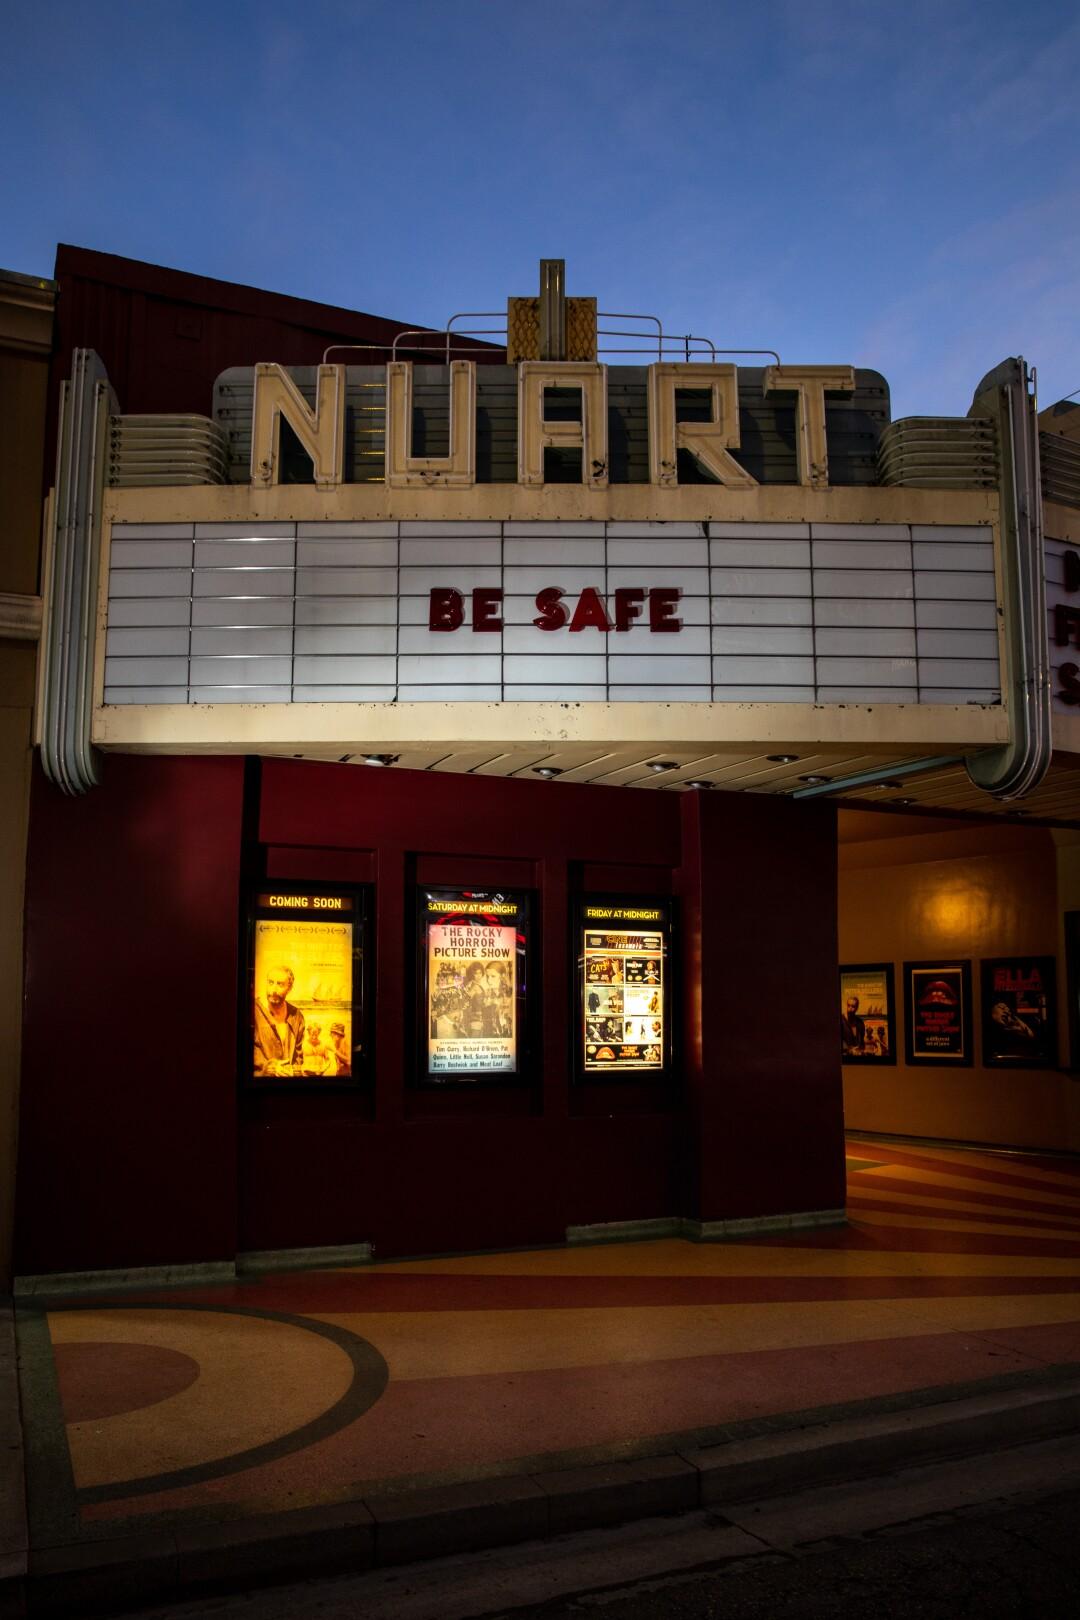 The Nuart